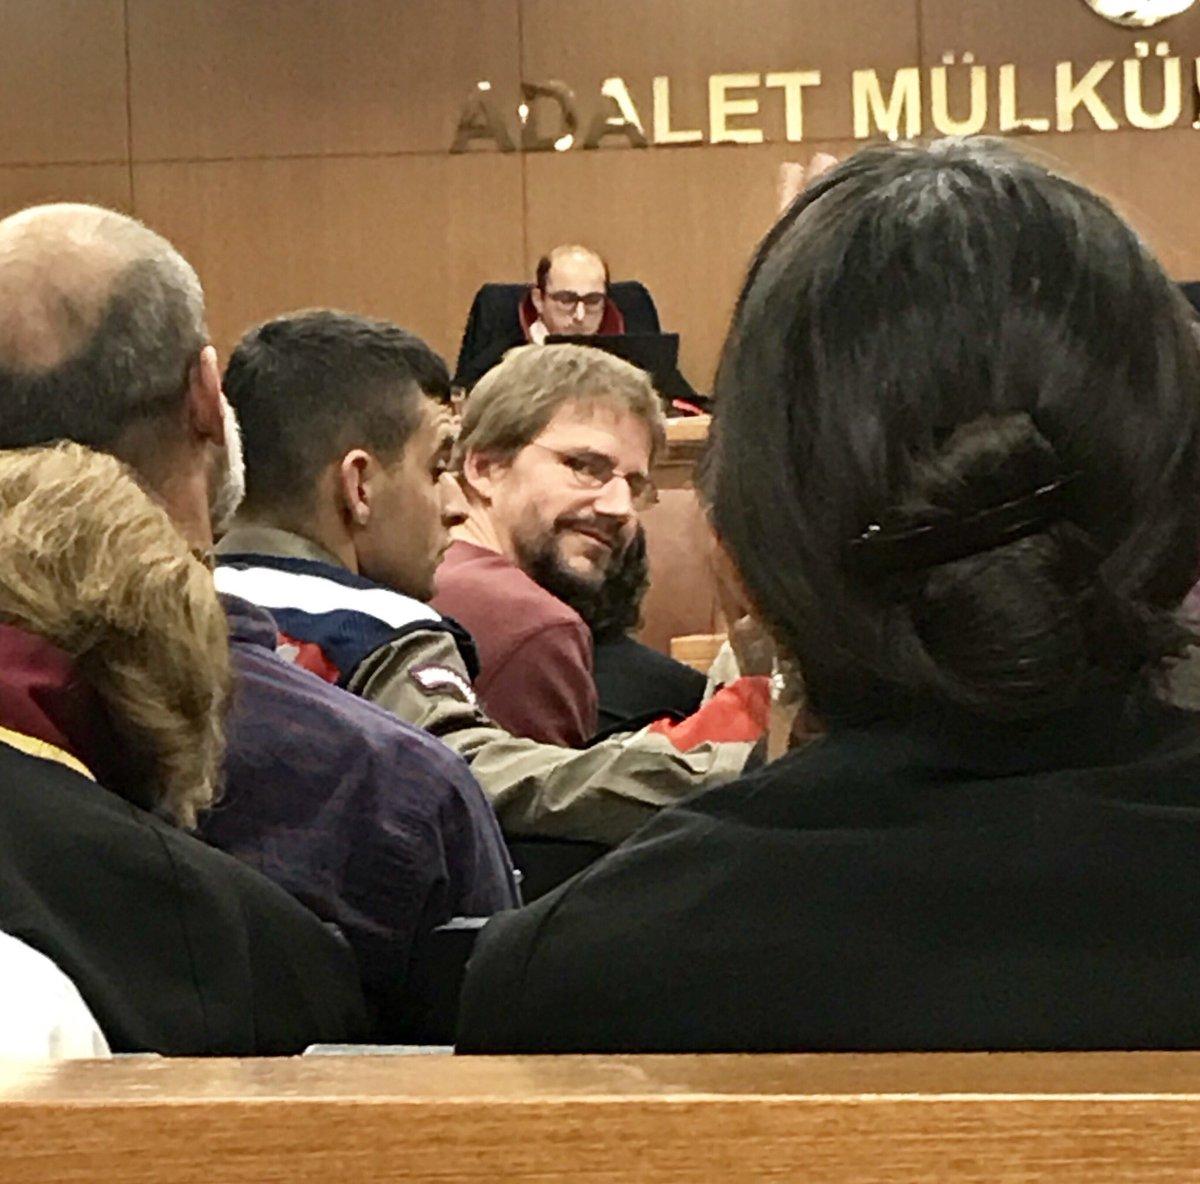 2016 war ich als Prozessbeobachter im Verfahren gegen Peter Steudtner in Istanbul. Heute ist er endlich freigesprochen worden. Leider sind #TanerKilic (Amnesty-Turkey) und weitere Menschenrechtler*innen im obskuren #BüyükAdaVerfahren verurteilt worden! Daher keine richtige Freudepic.twitter.com/l4s6MKR12K  by Özcan Mutlu